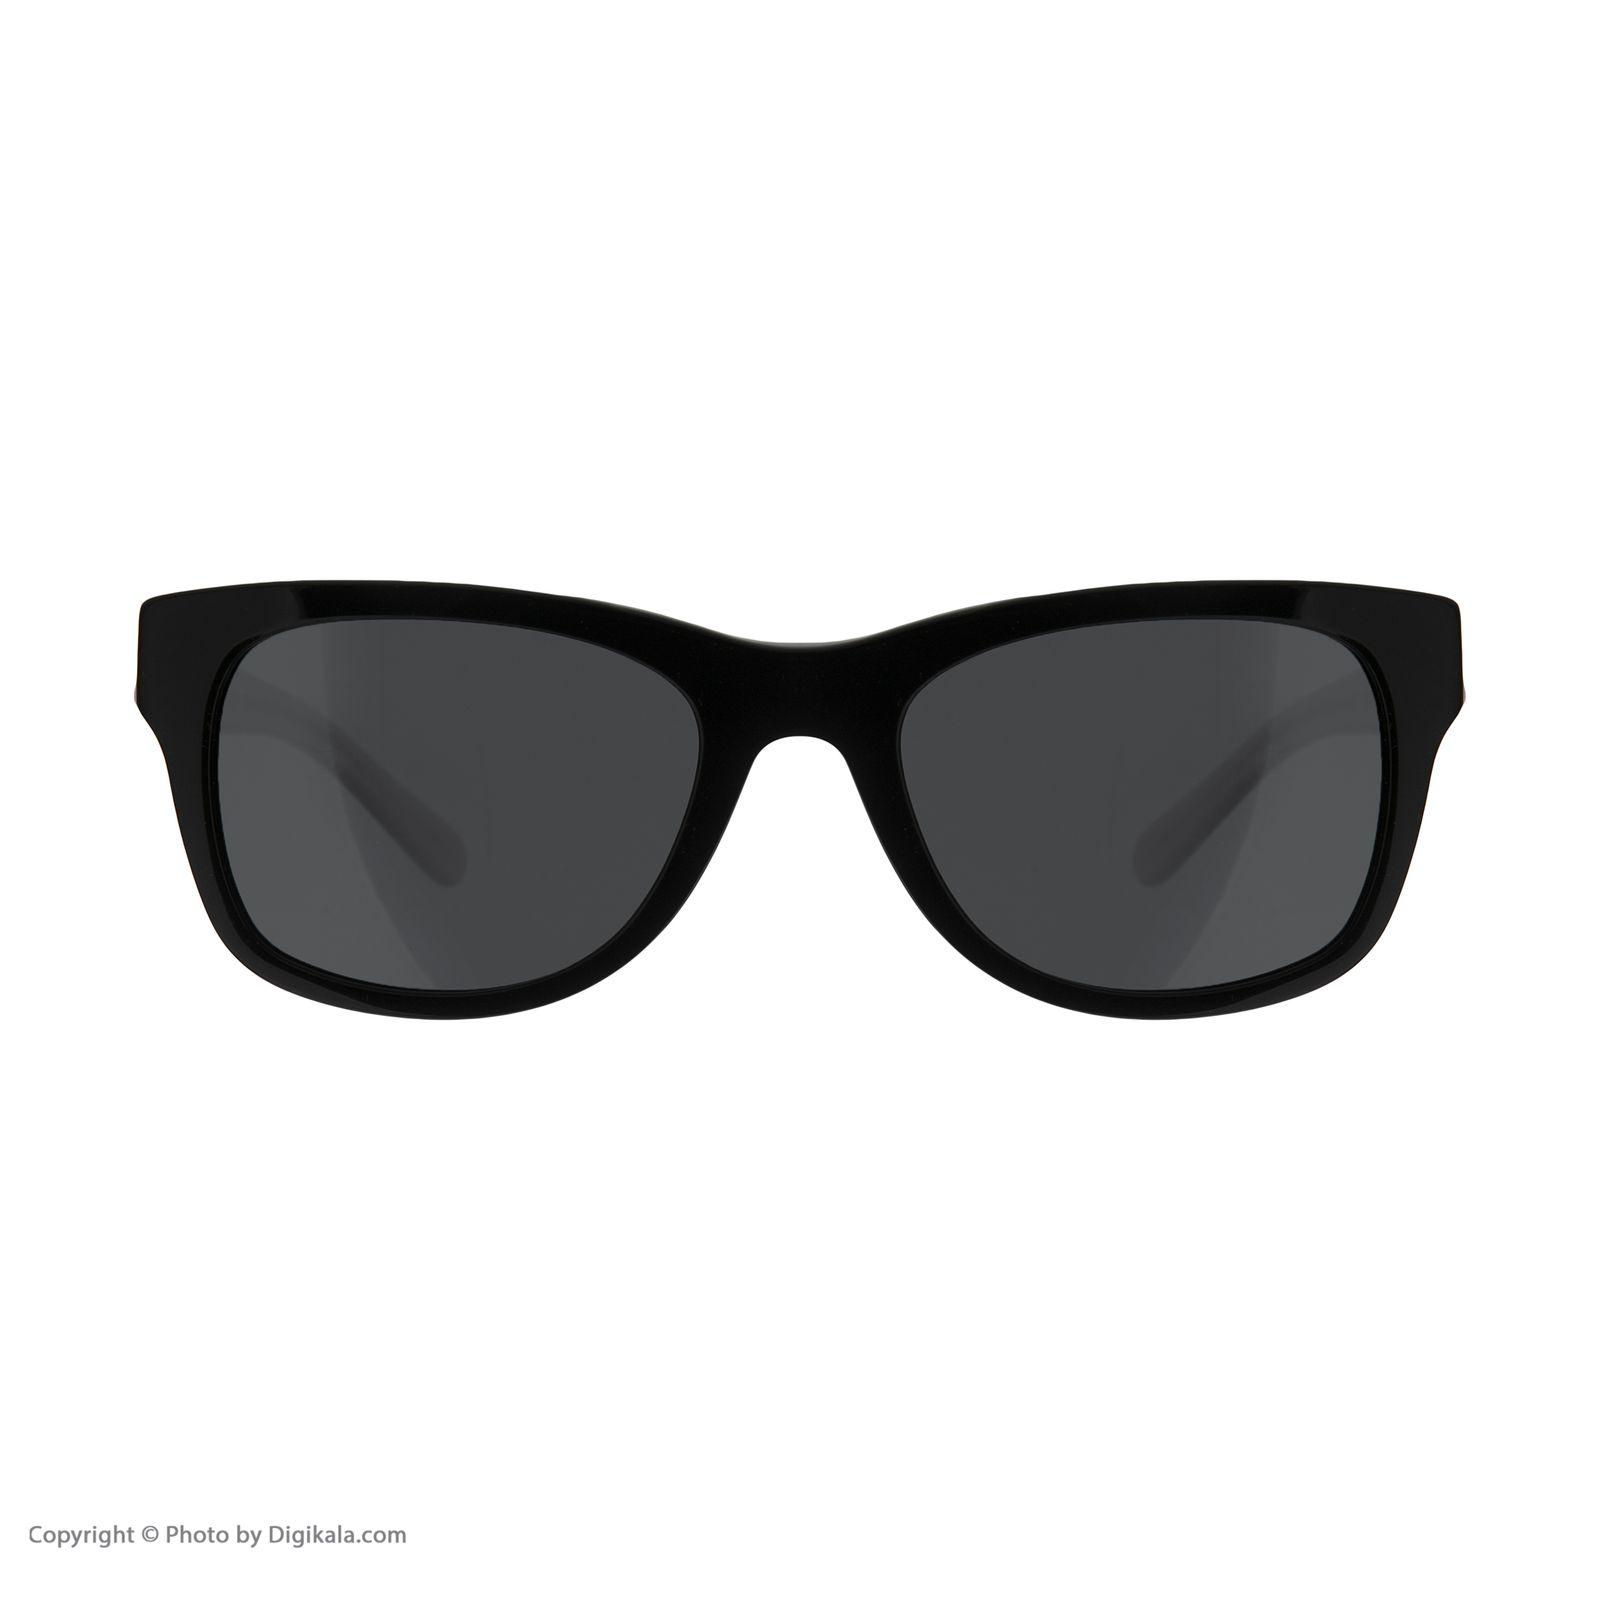 عینک آفتابی زنانه بربری مدل BE 4211S 300187 55 -  - 3